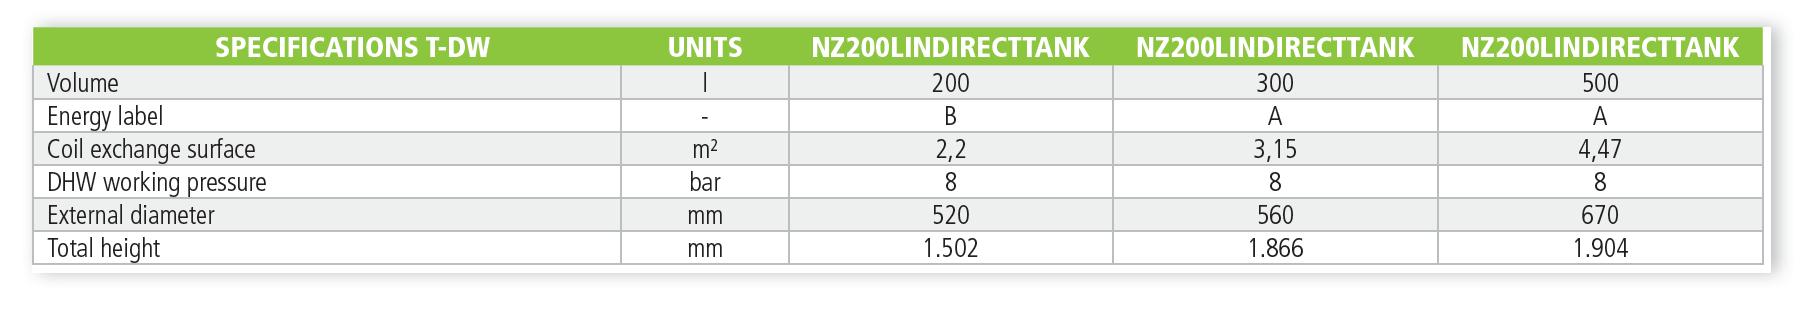 NetZero Indirect Tank Specs